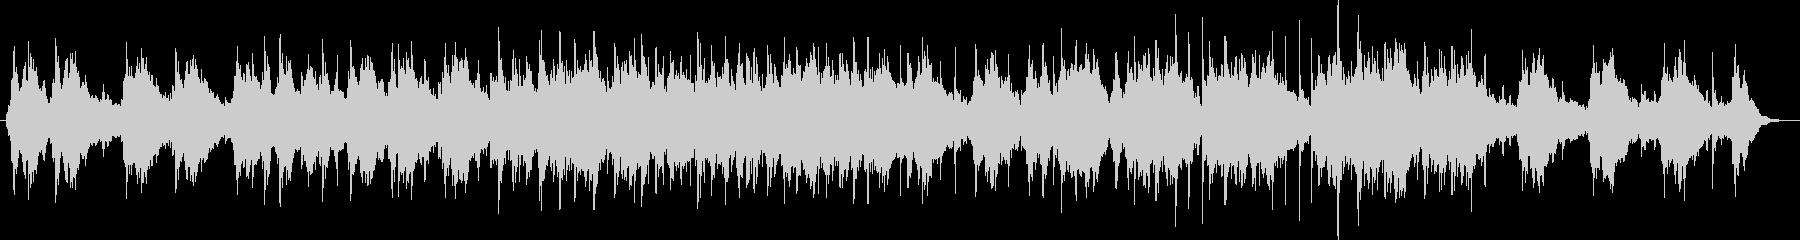 アンビエント効果音に最適です。の未再生の波形